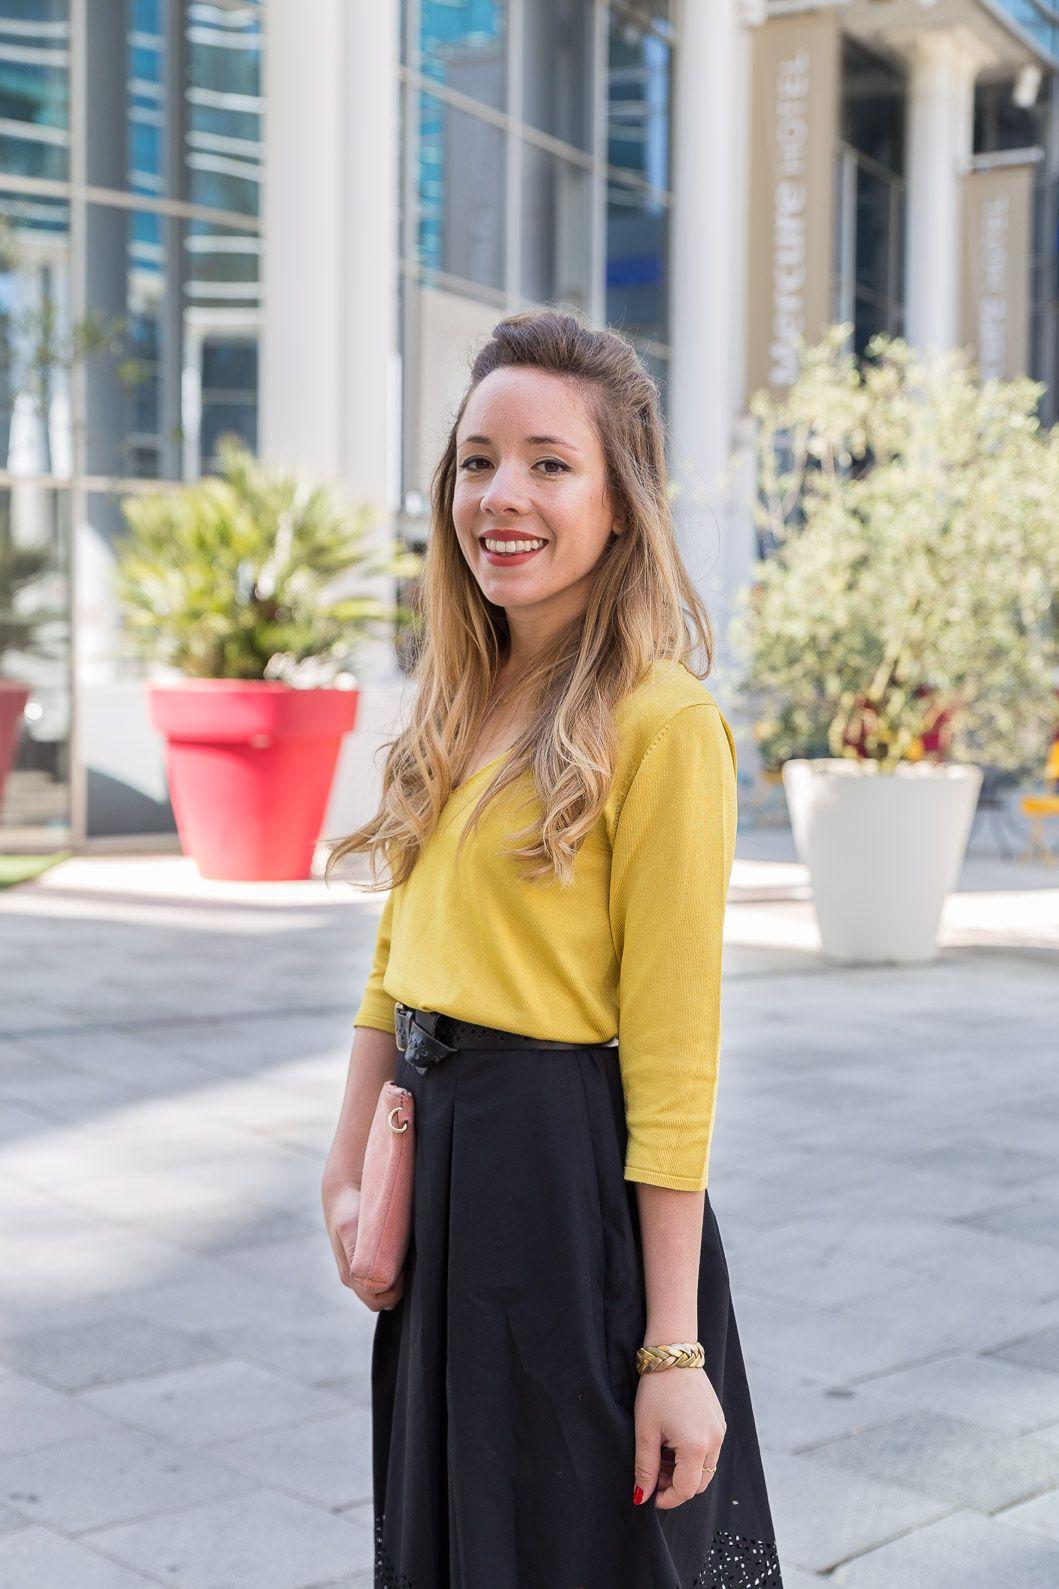 jupe noire ajourée avec veste jaune